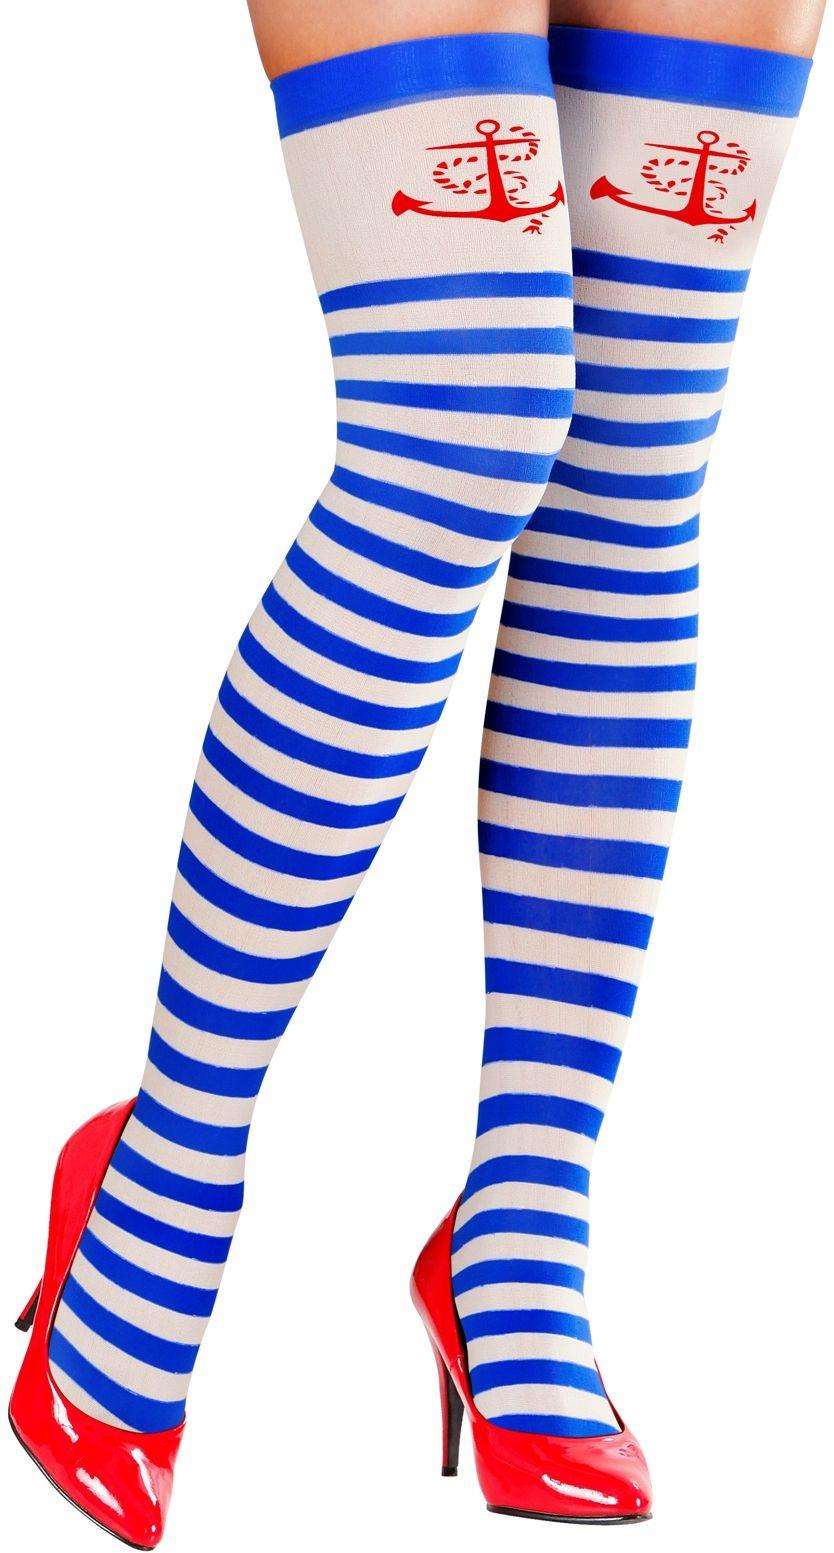 Blauw witte matroos knie kousen